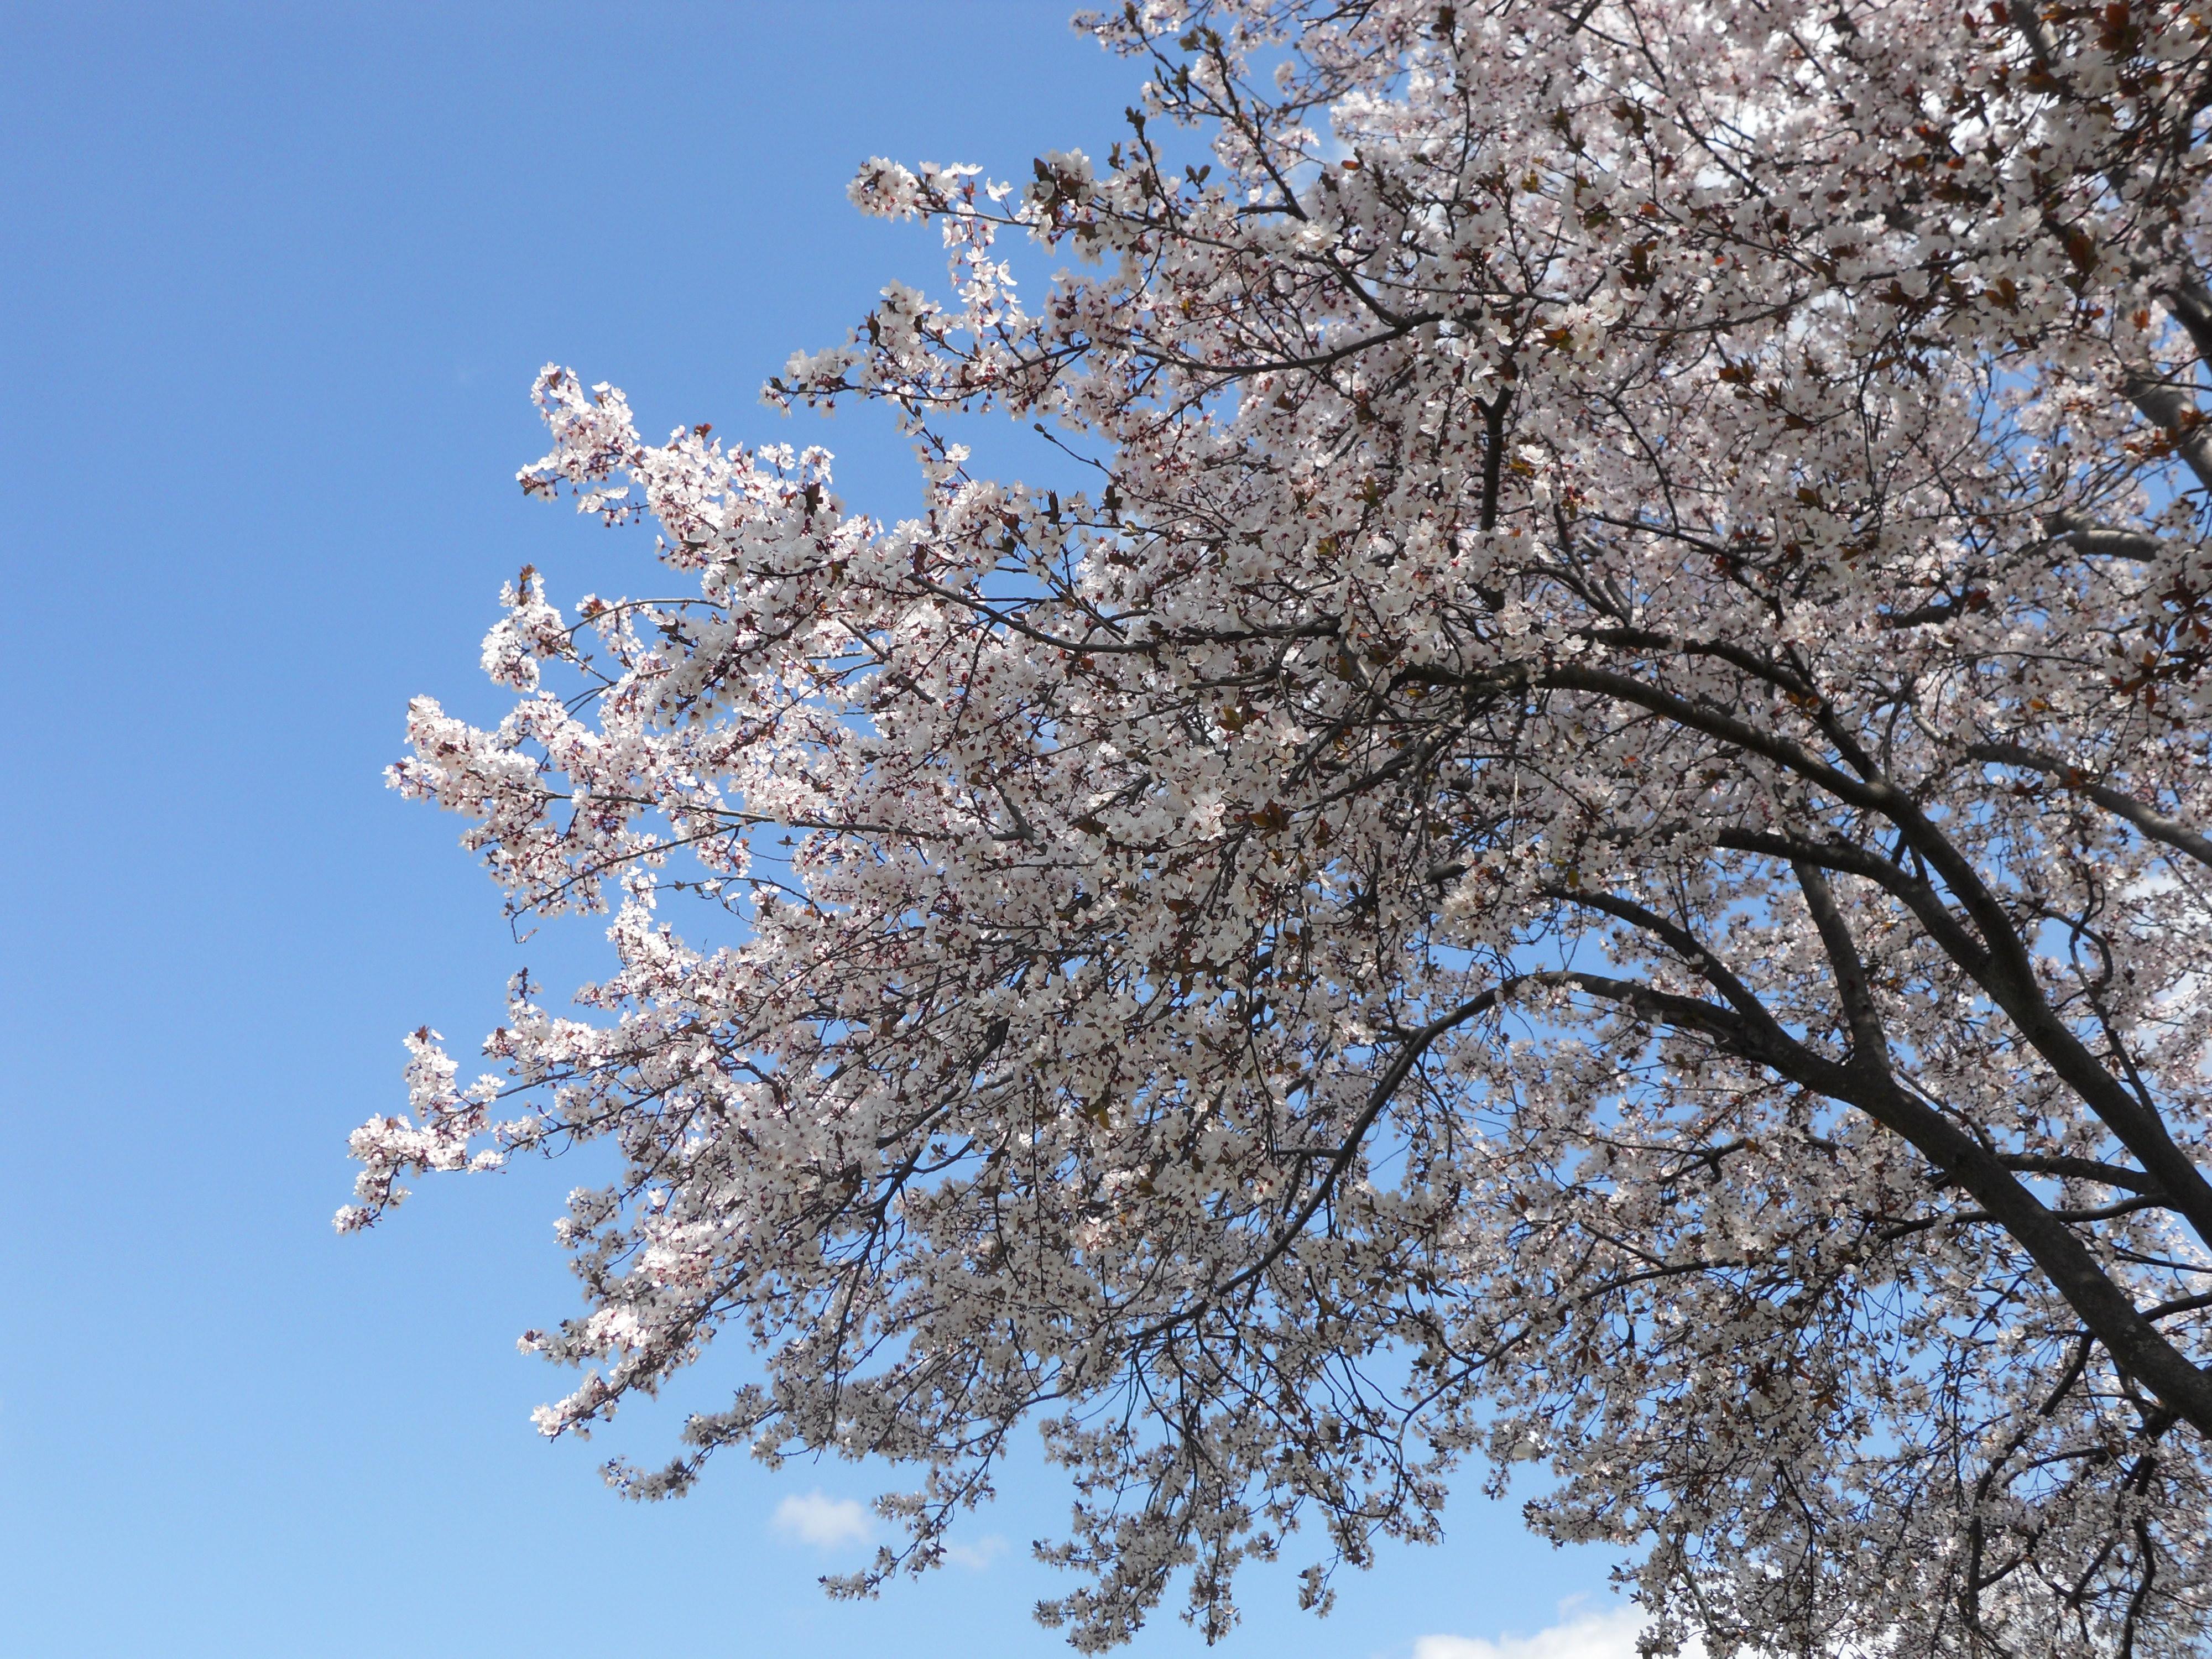 SAKURA EN TOKYO: LUGARES PARA DISFRUTARLO